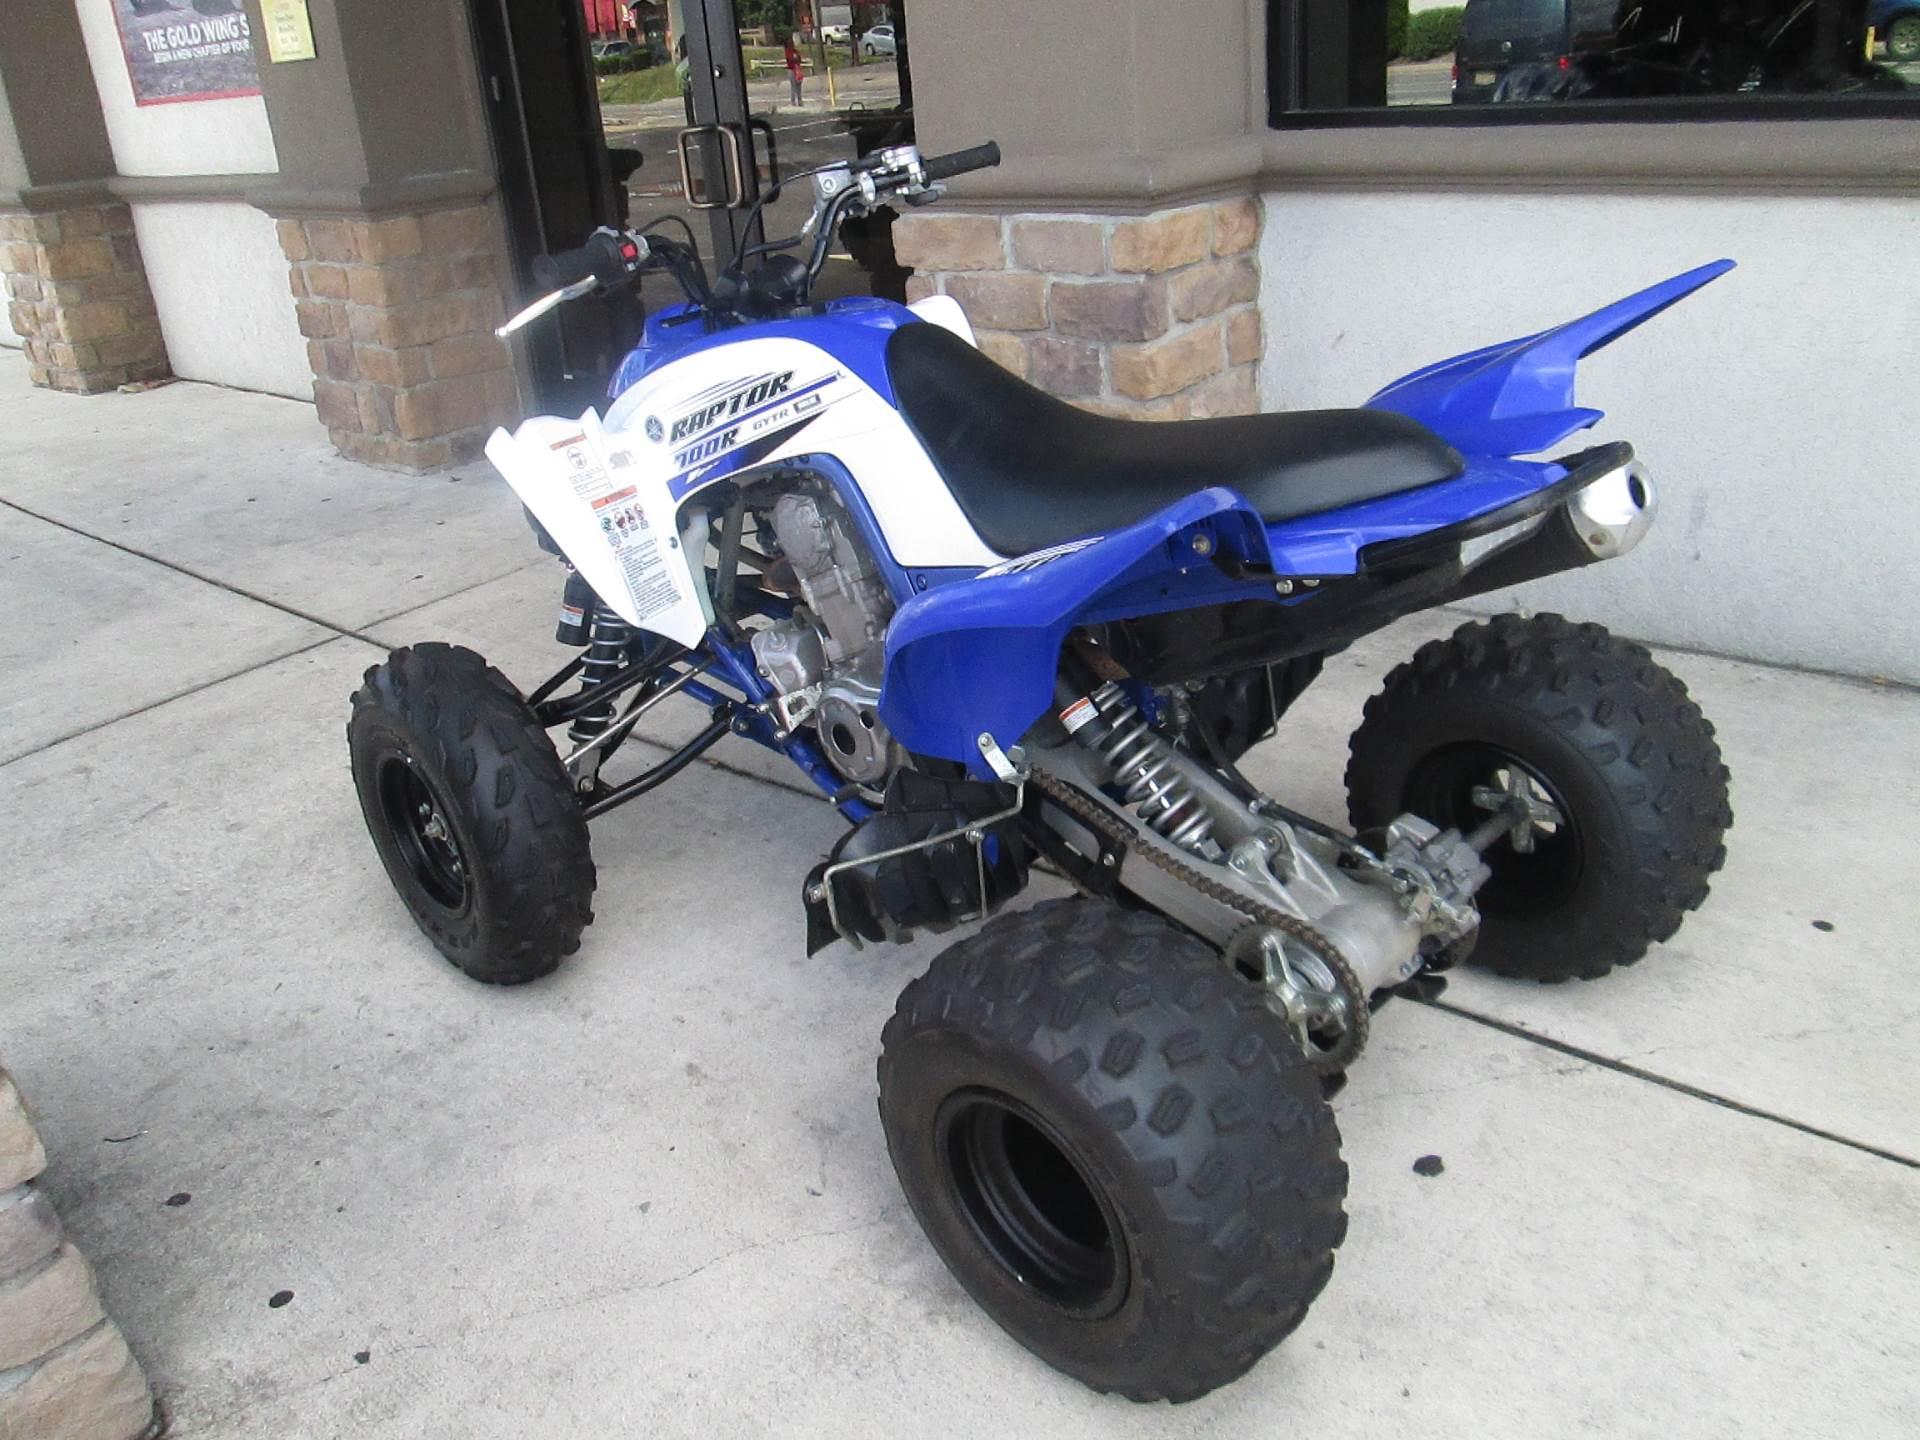 2016 Yamaha Raptor 700 3